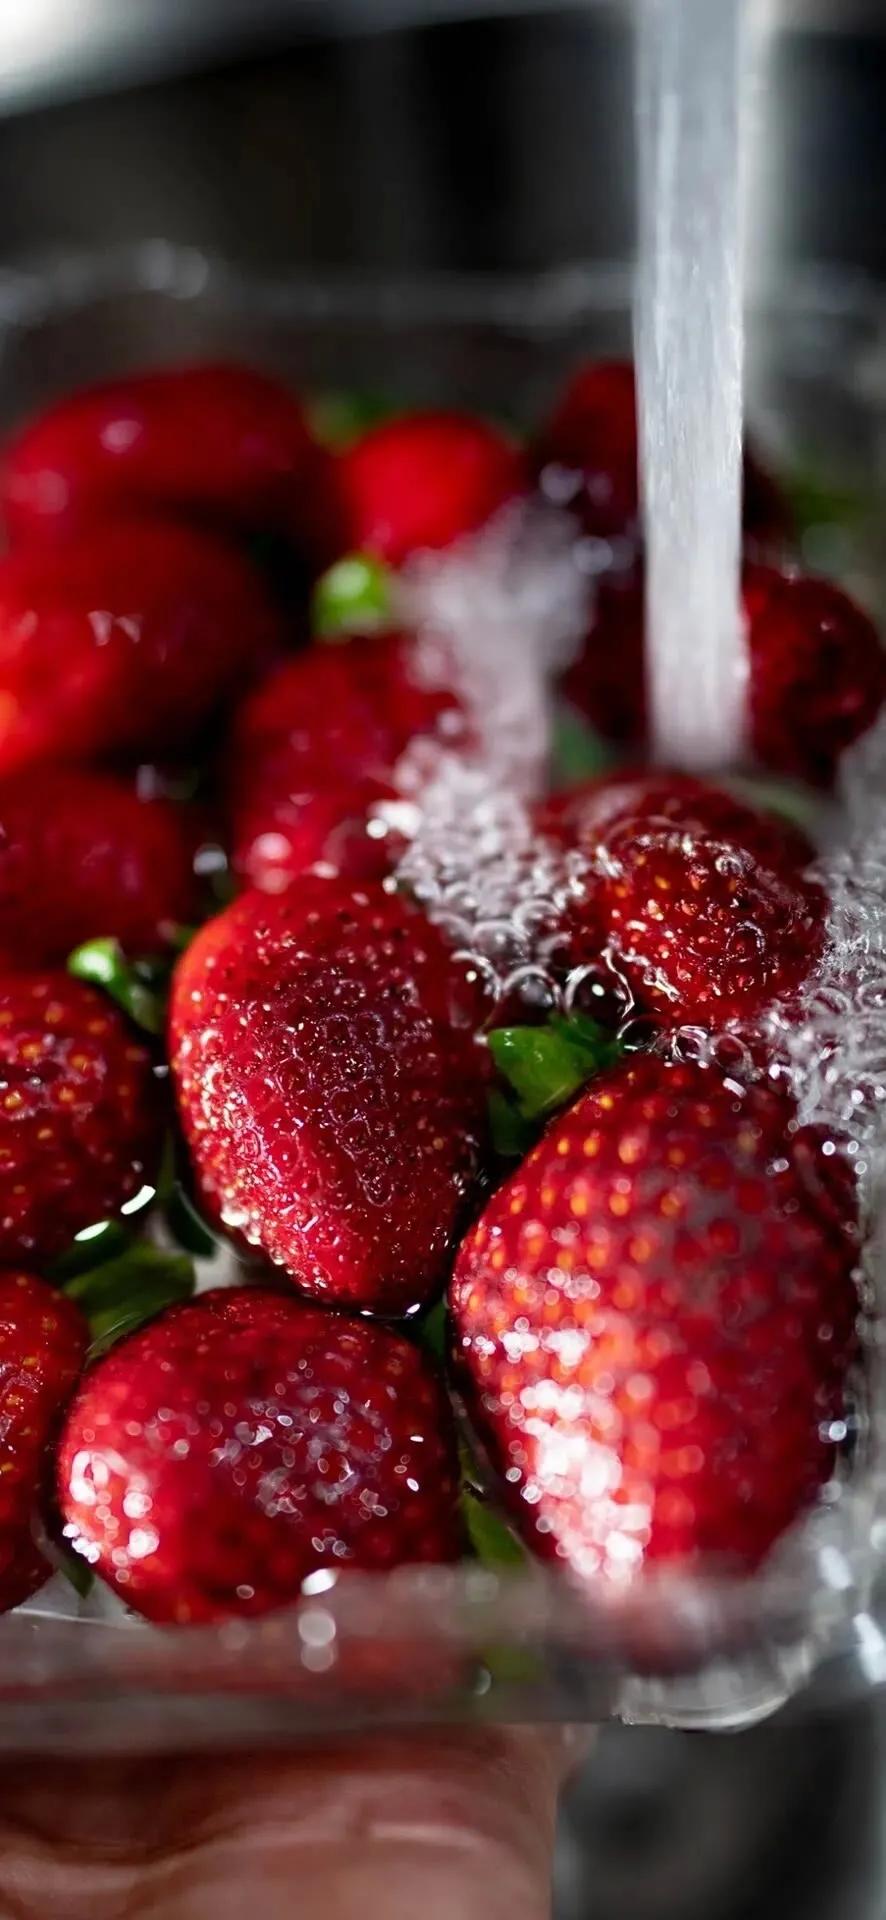 草莓超清特写手机壁纸图片